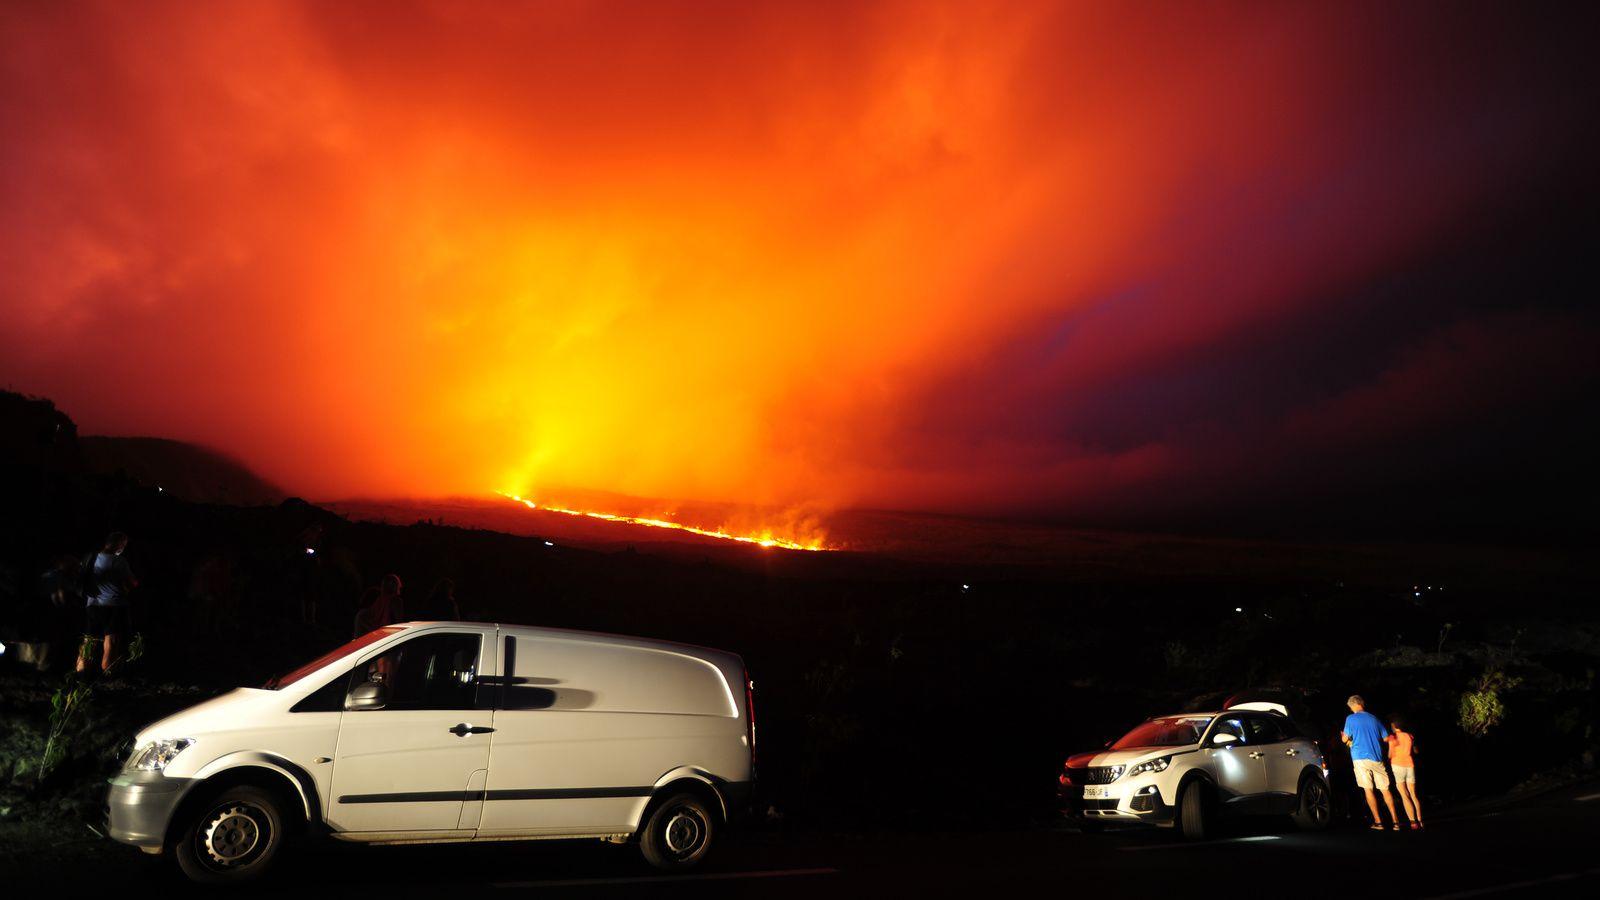 Piton de La Fournaise : Dès le début, les coulées avancent vite dans les Grandes Pentes - la vue sur leur origine basse est occultée par les nuages et les gaz - photo © Thierry Sluys 25.10.2019